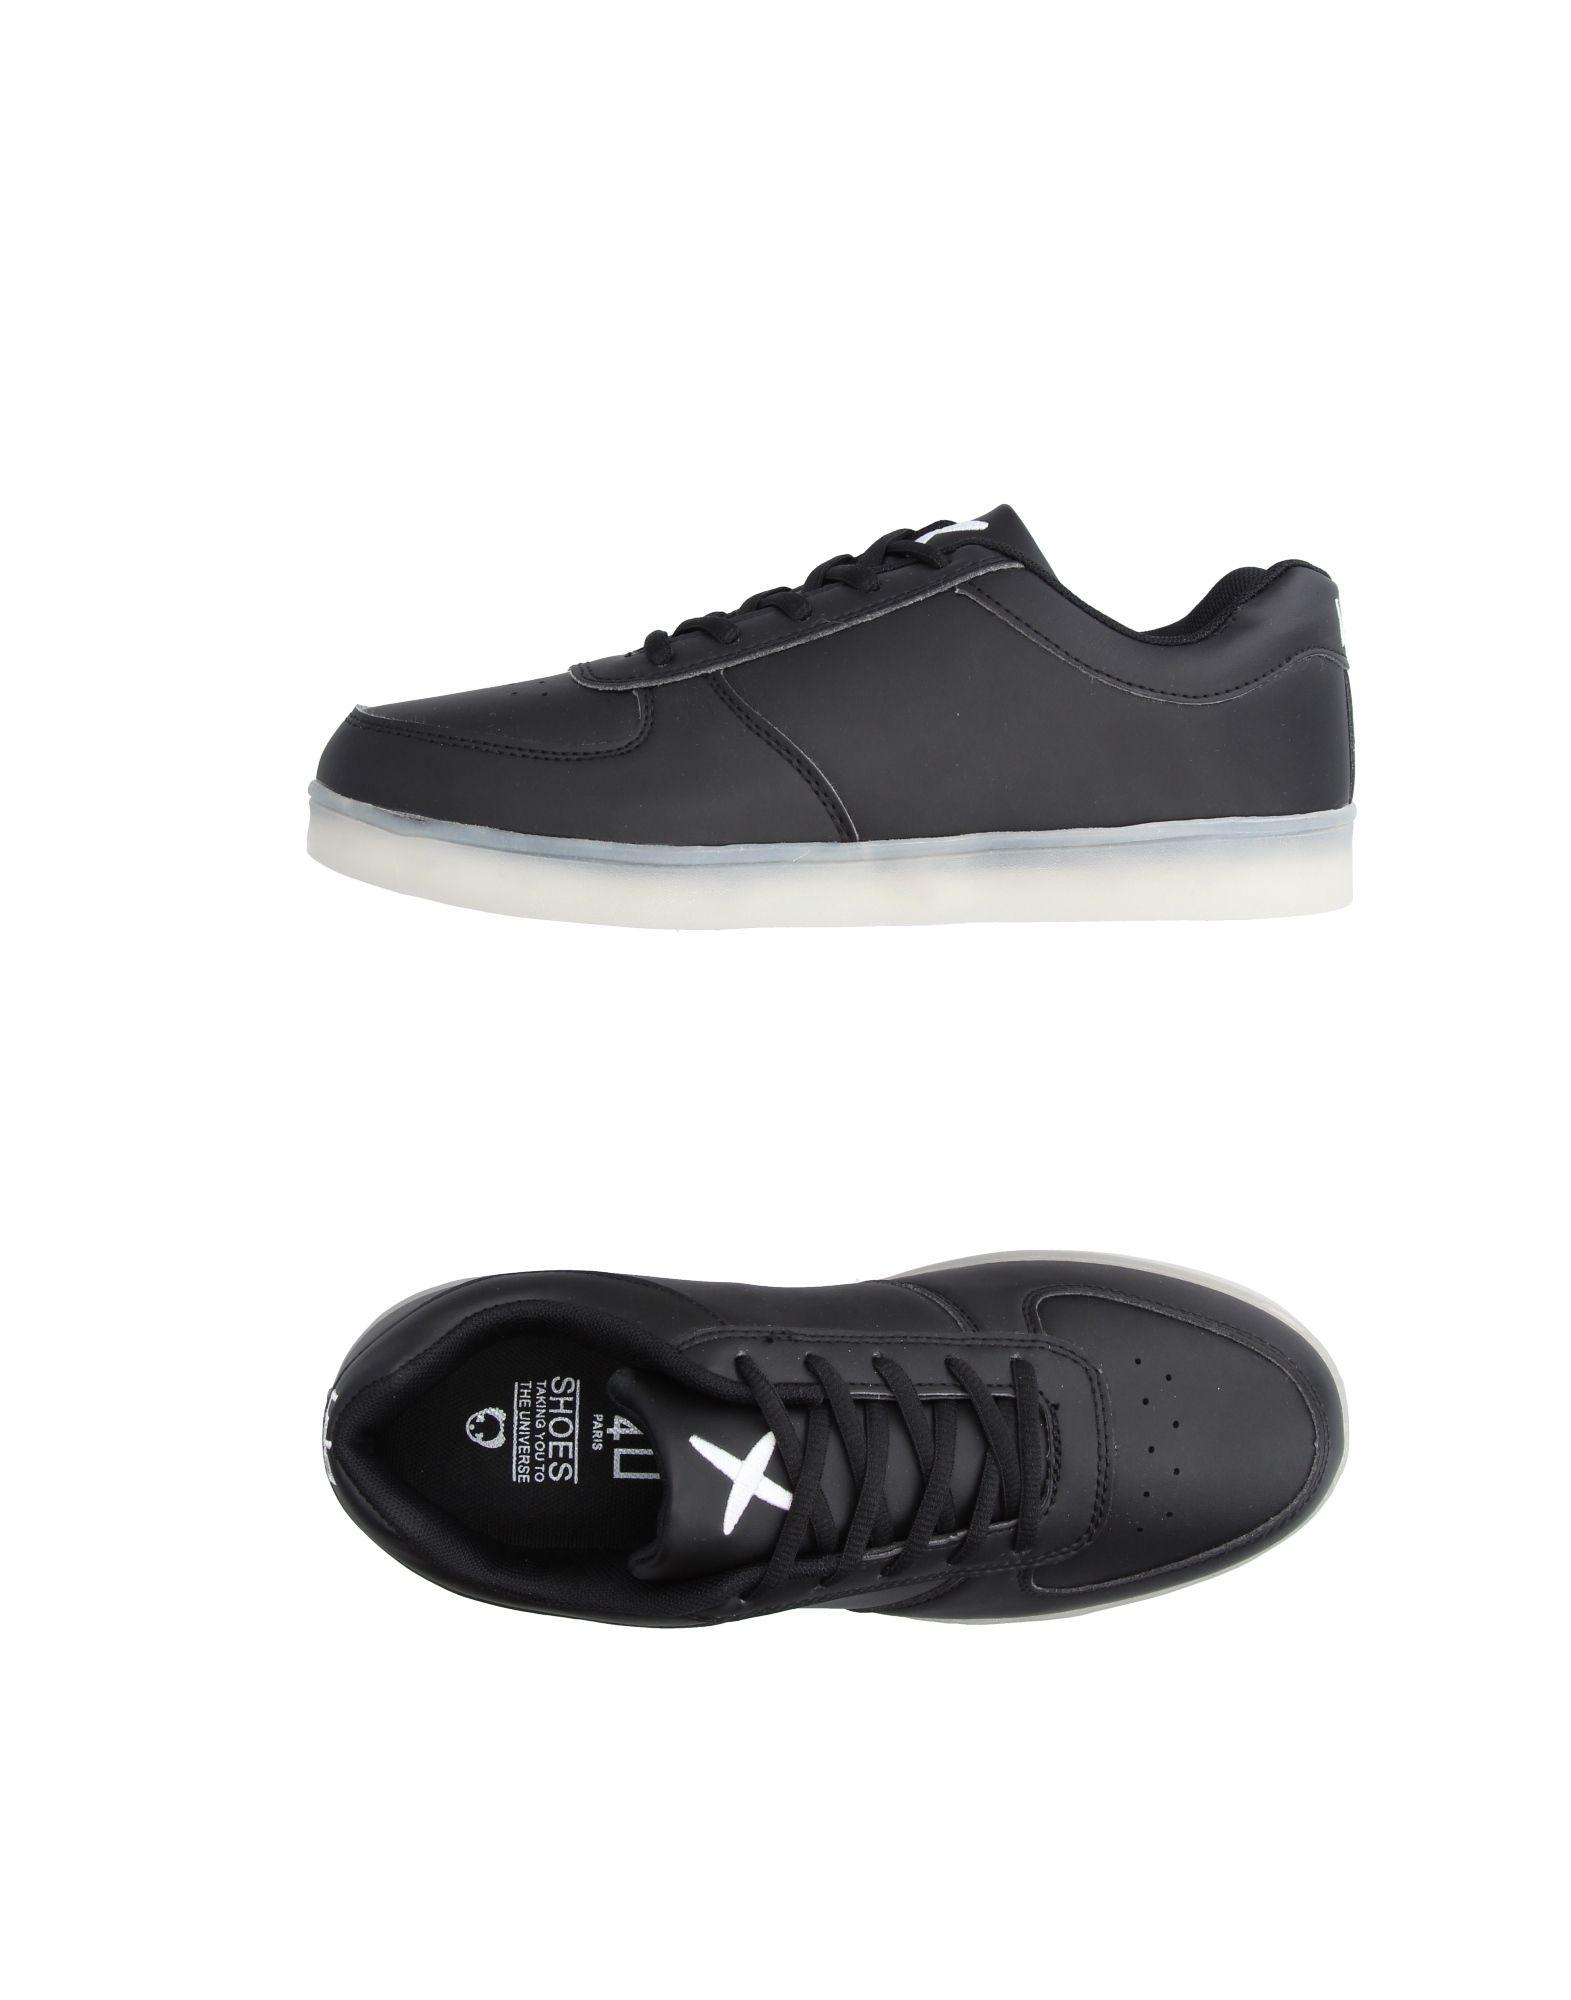 《送料無料》WIZE & OPE メンズ スニーカー&テニスシューズ(ローカット) ブラック 8.5 紡績繊維